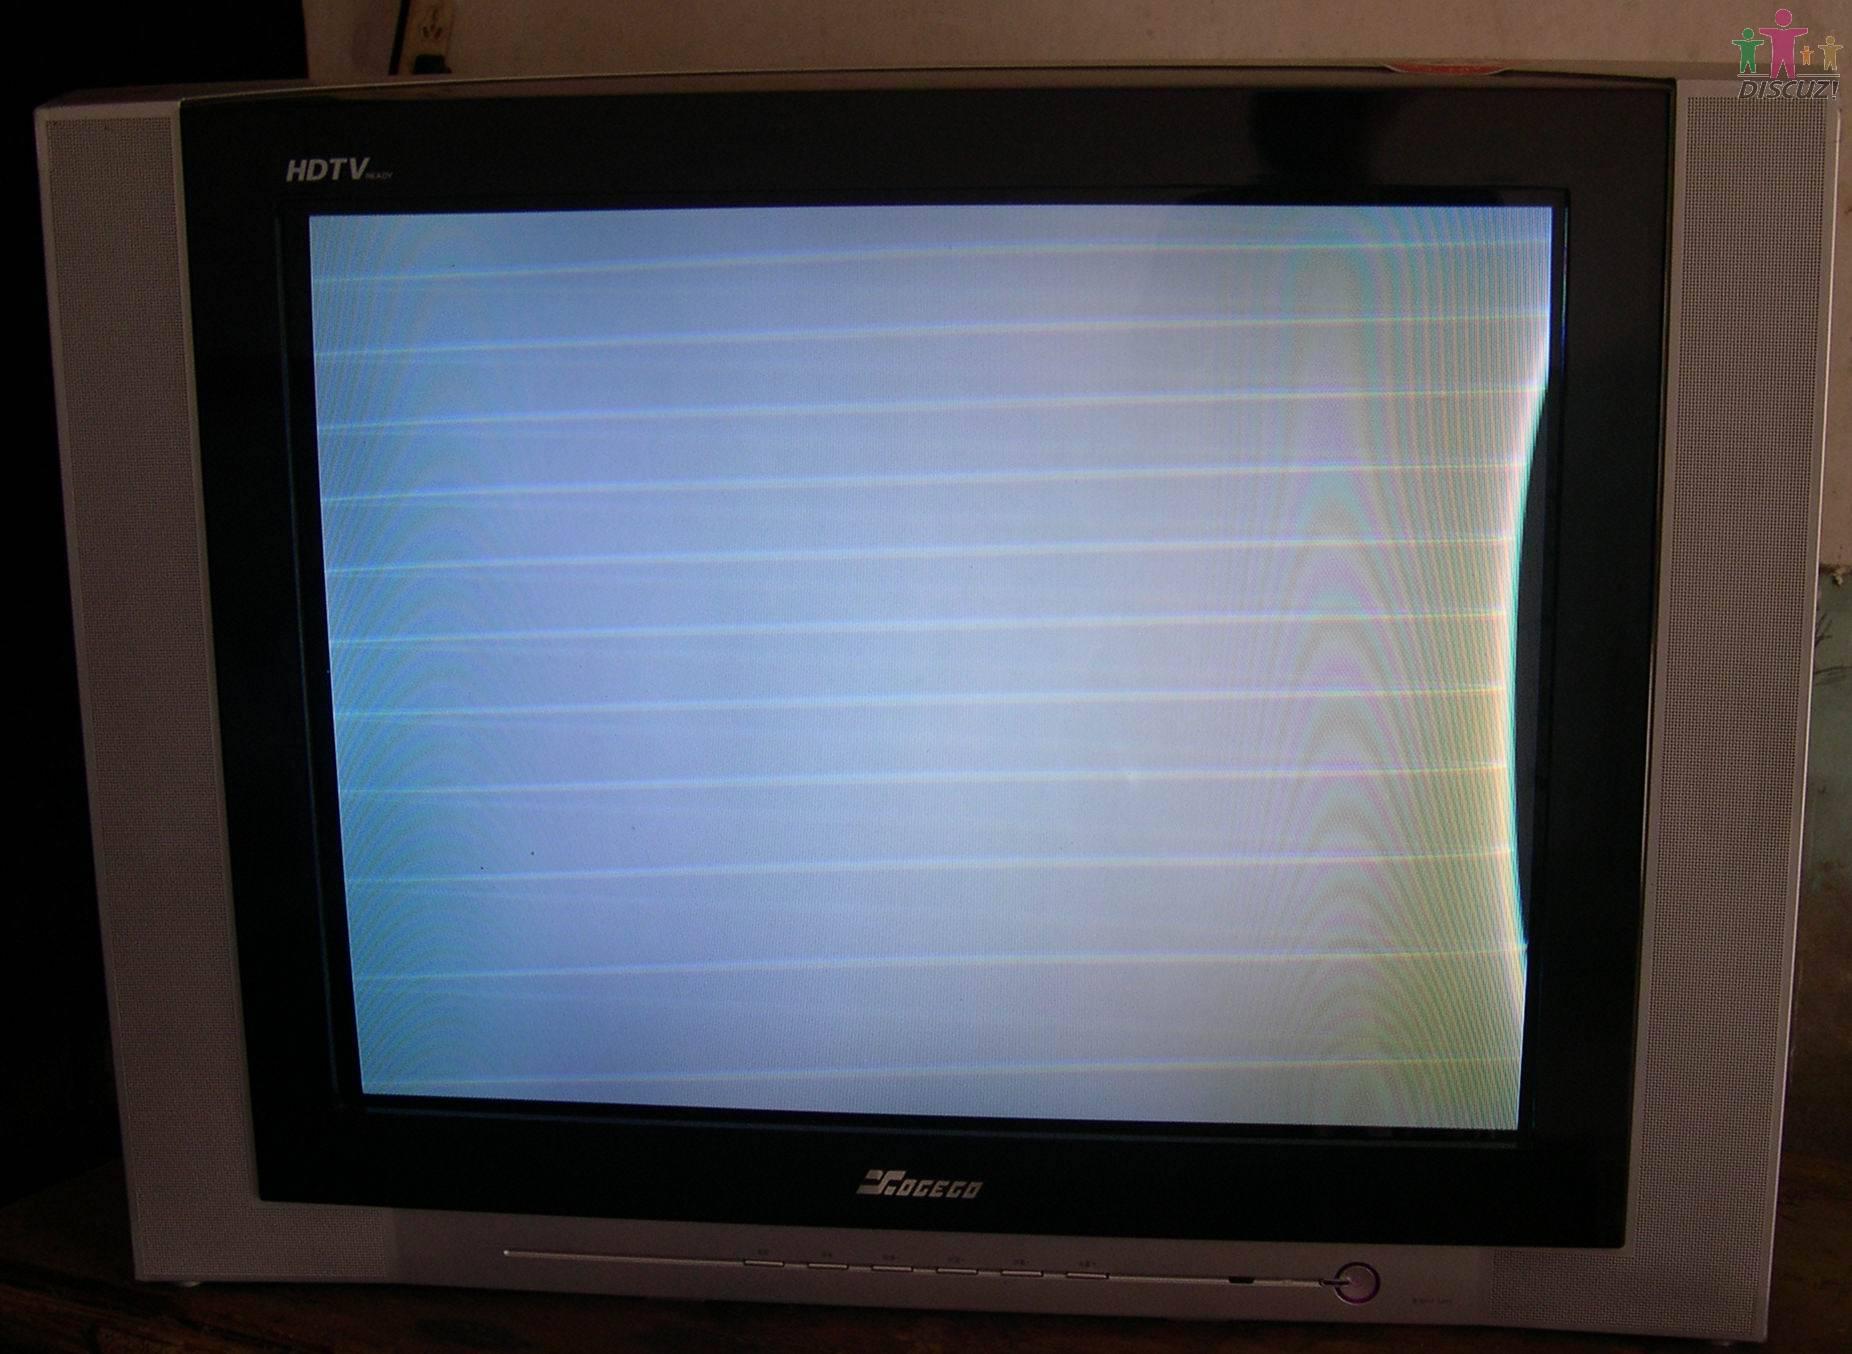 创维 电视 电视机 1852_1354